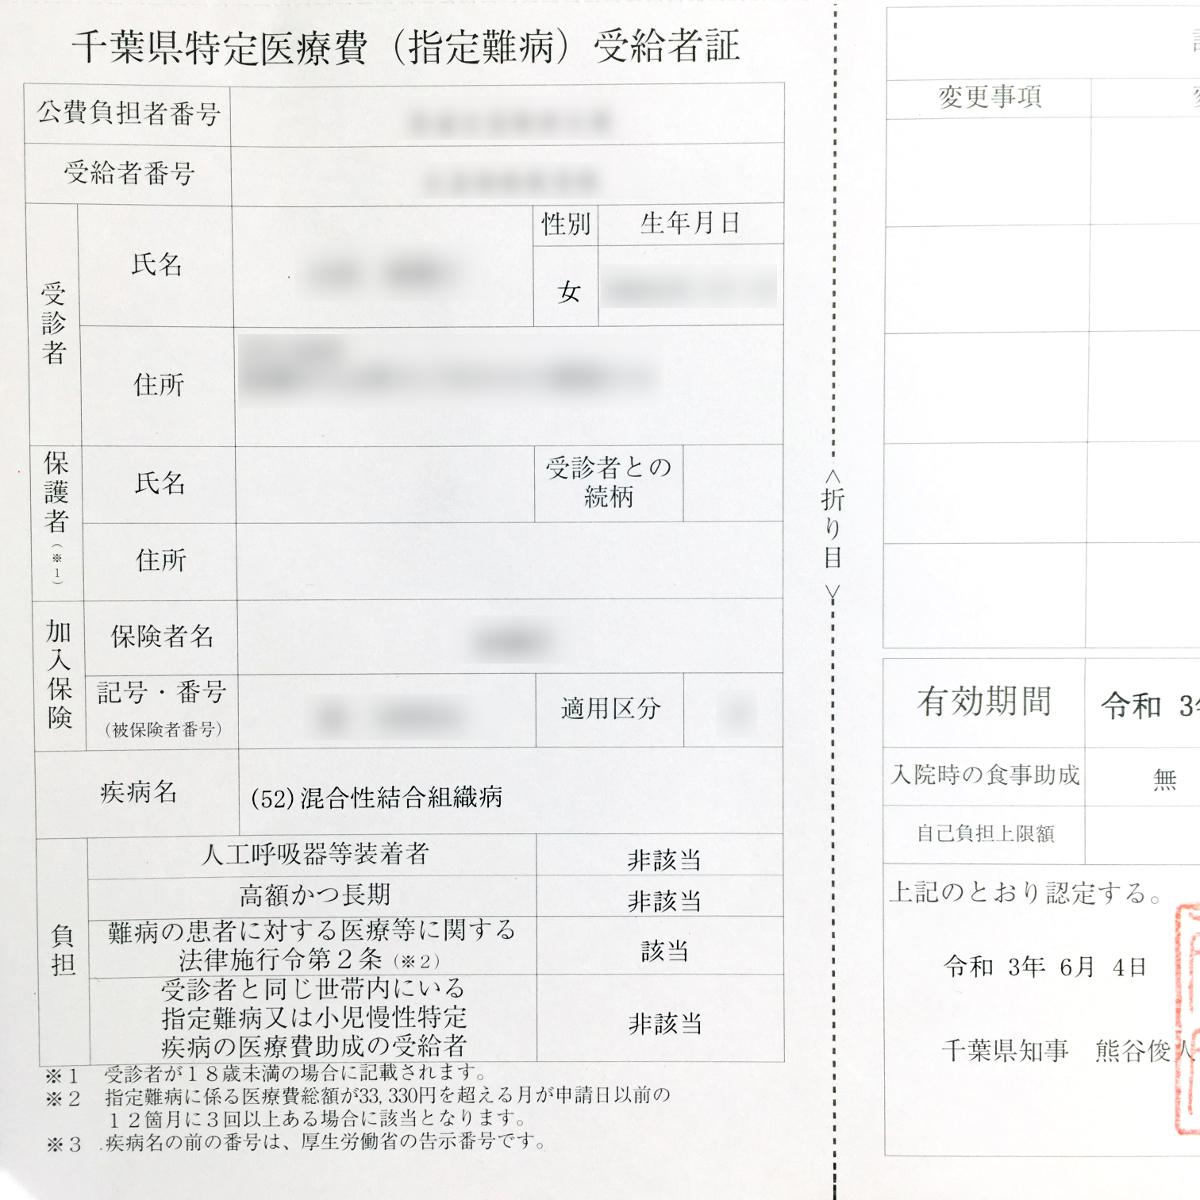 自宅に届いた「特定医療費(指定難病)」の受給者証